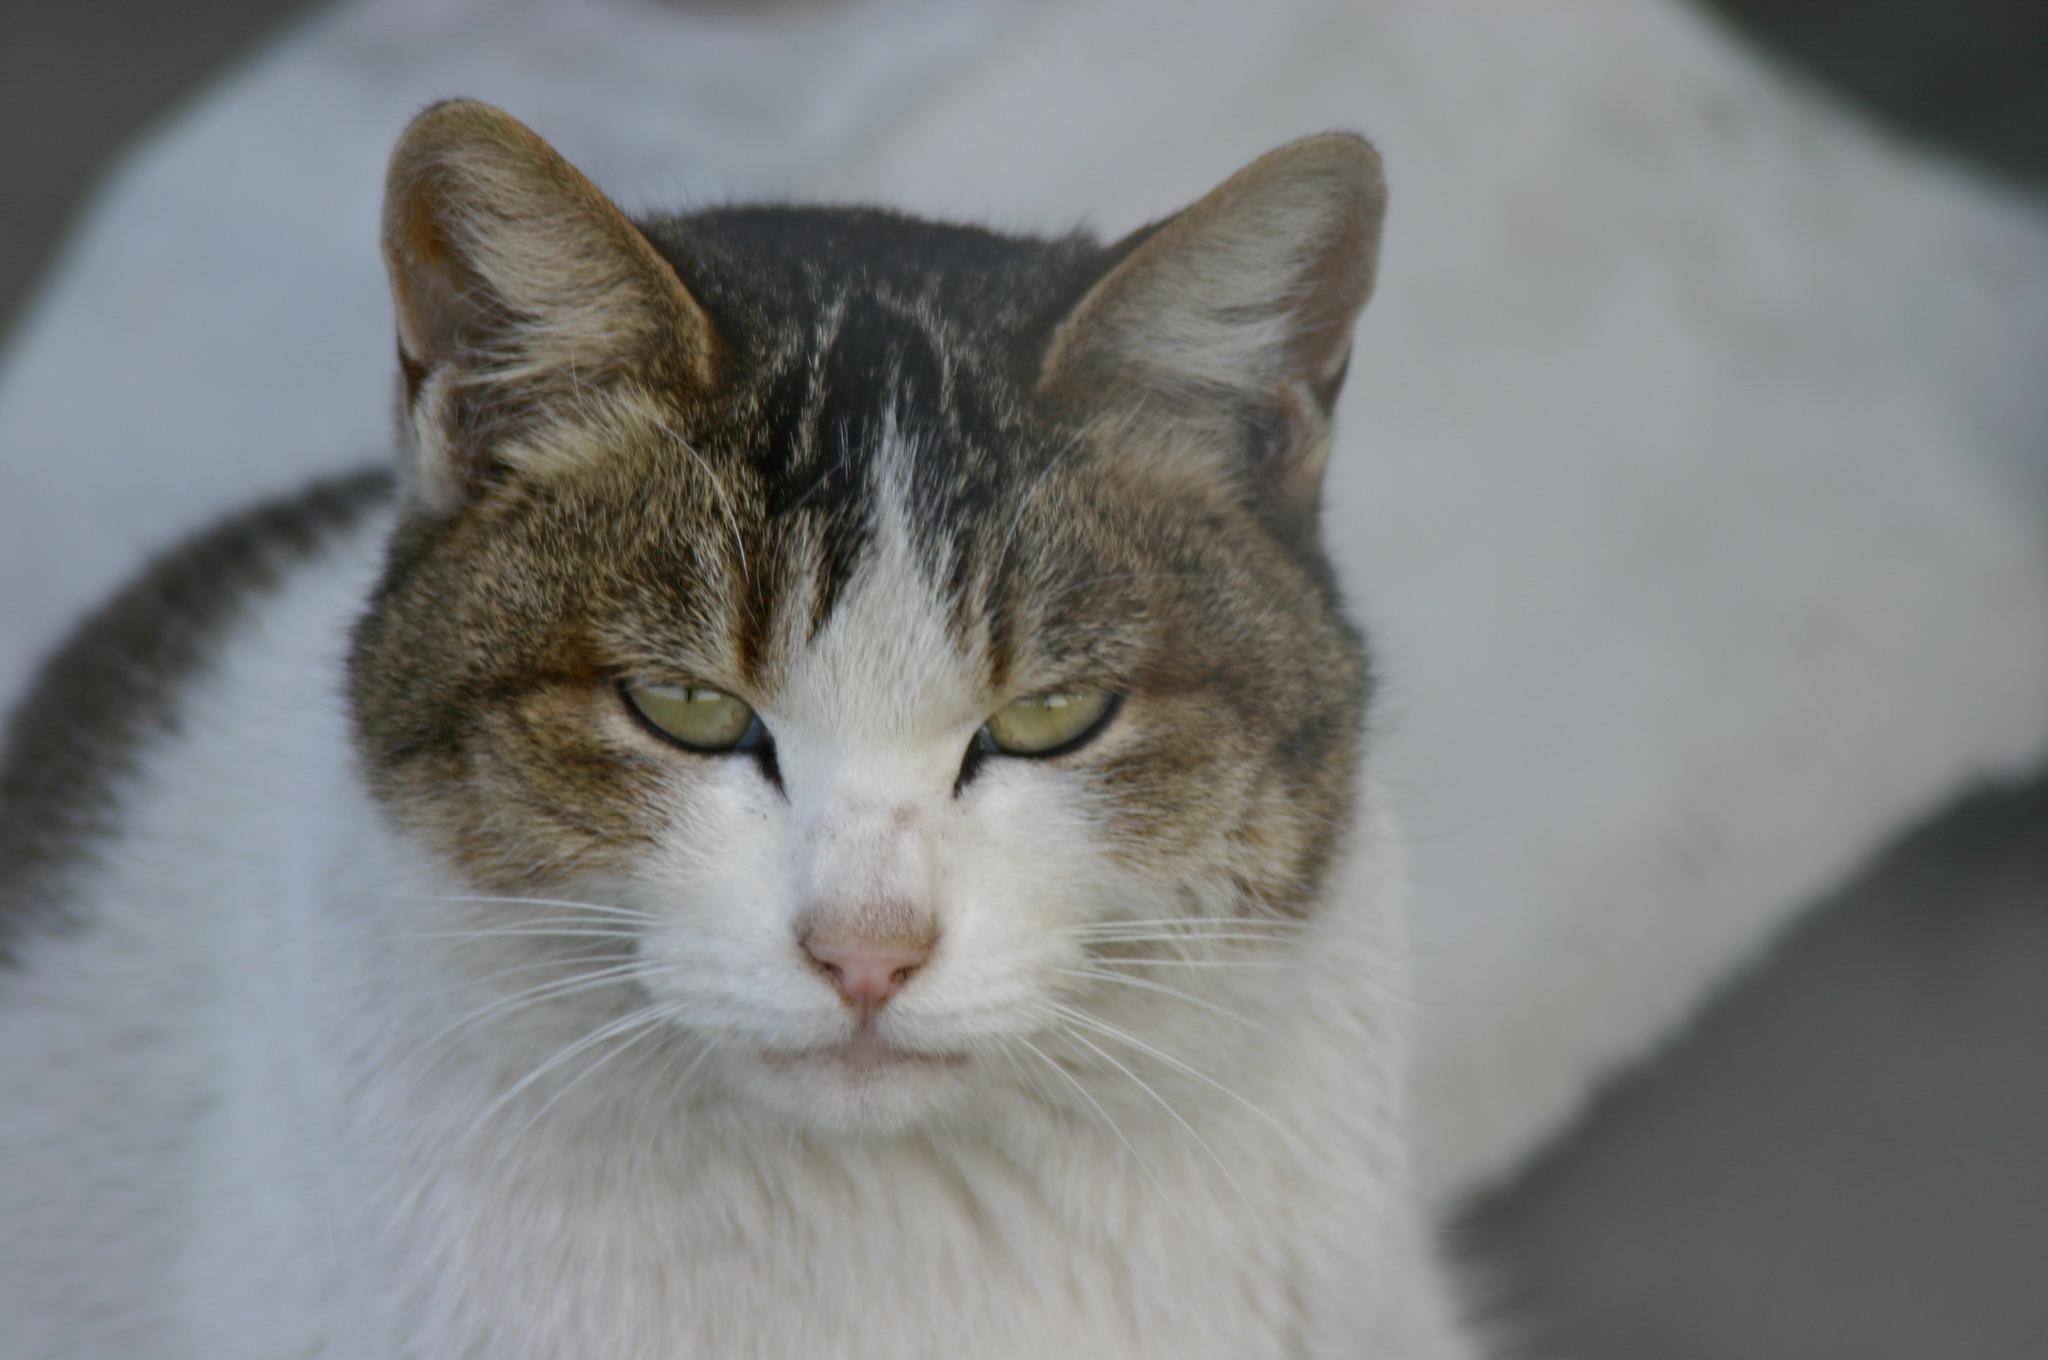 「ん?なんか用???」といいたげな猫